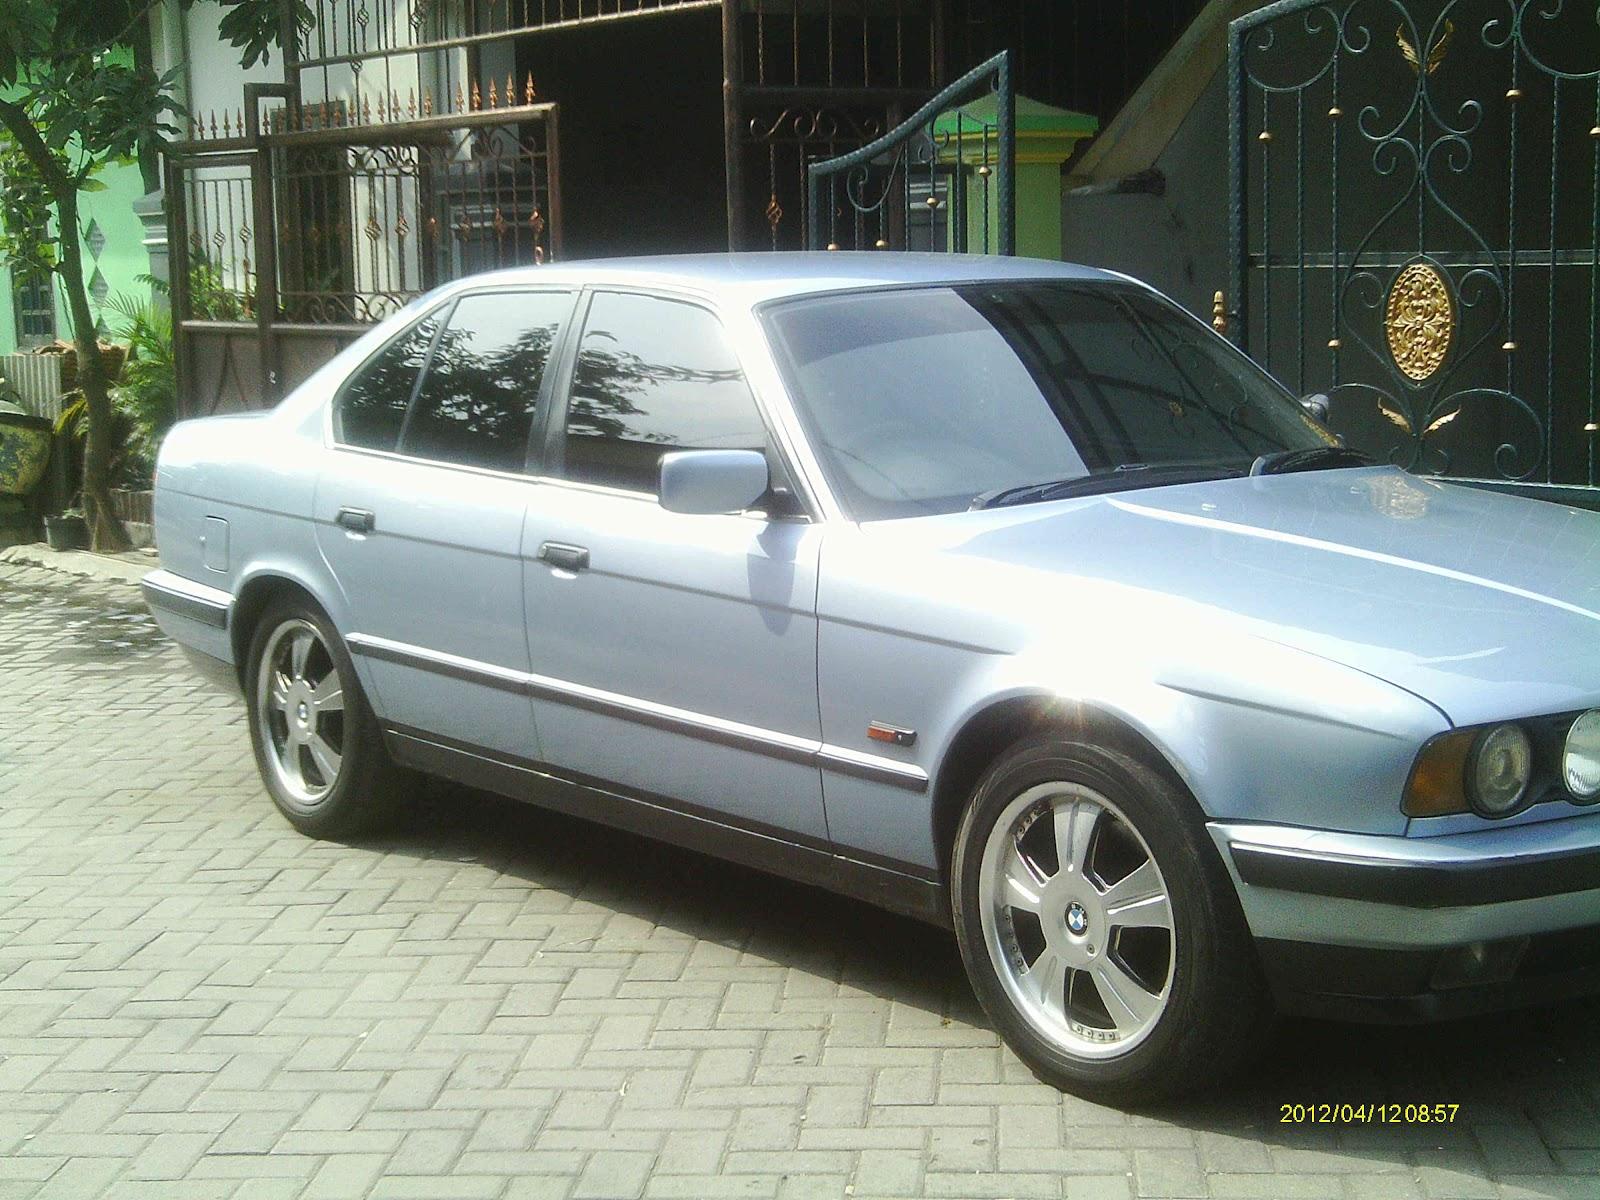 Gambar Mobil Bmw Tahun 91 Modifikasi Mobil